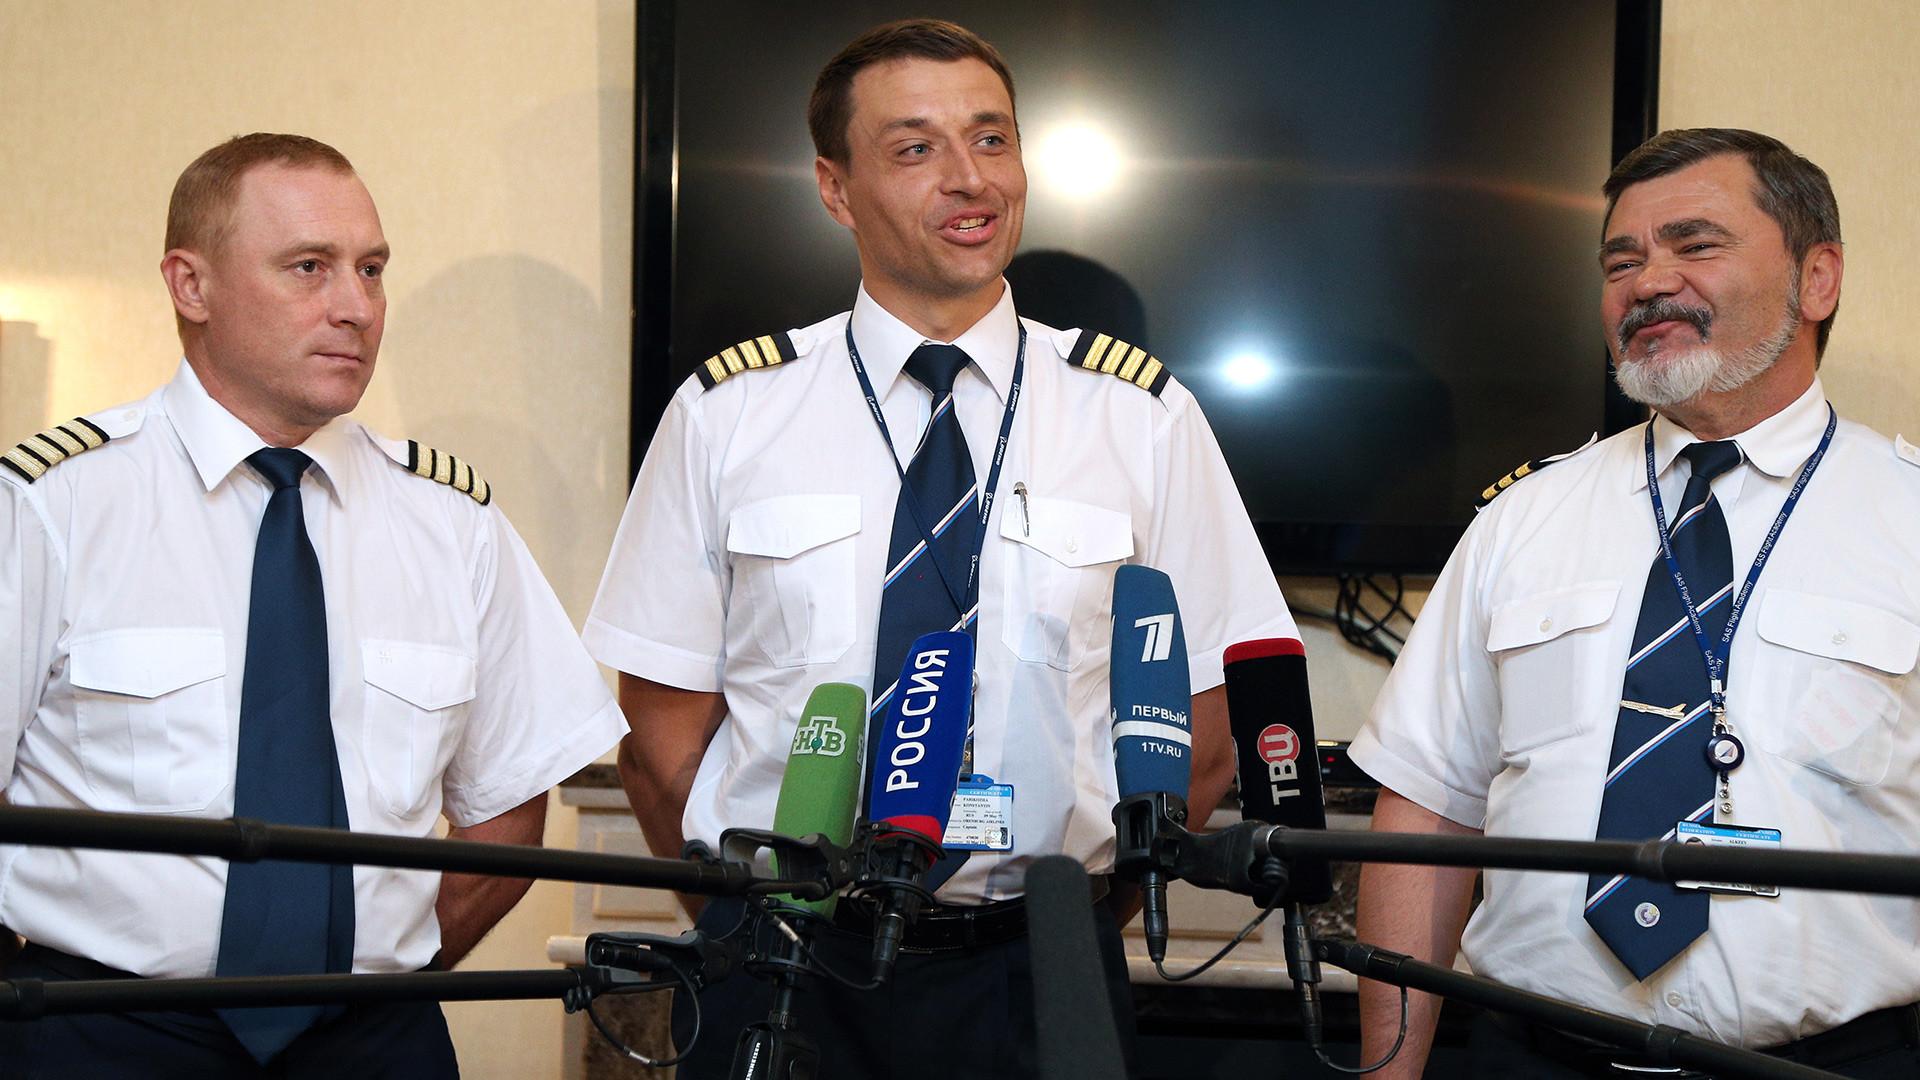 Posadka Boeinga 777 letalskega prevoznika iz Orenburga (z leve proti desni): Andrej Kartašov, Konstantin Parikoža in Dmitrij Alkejev.